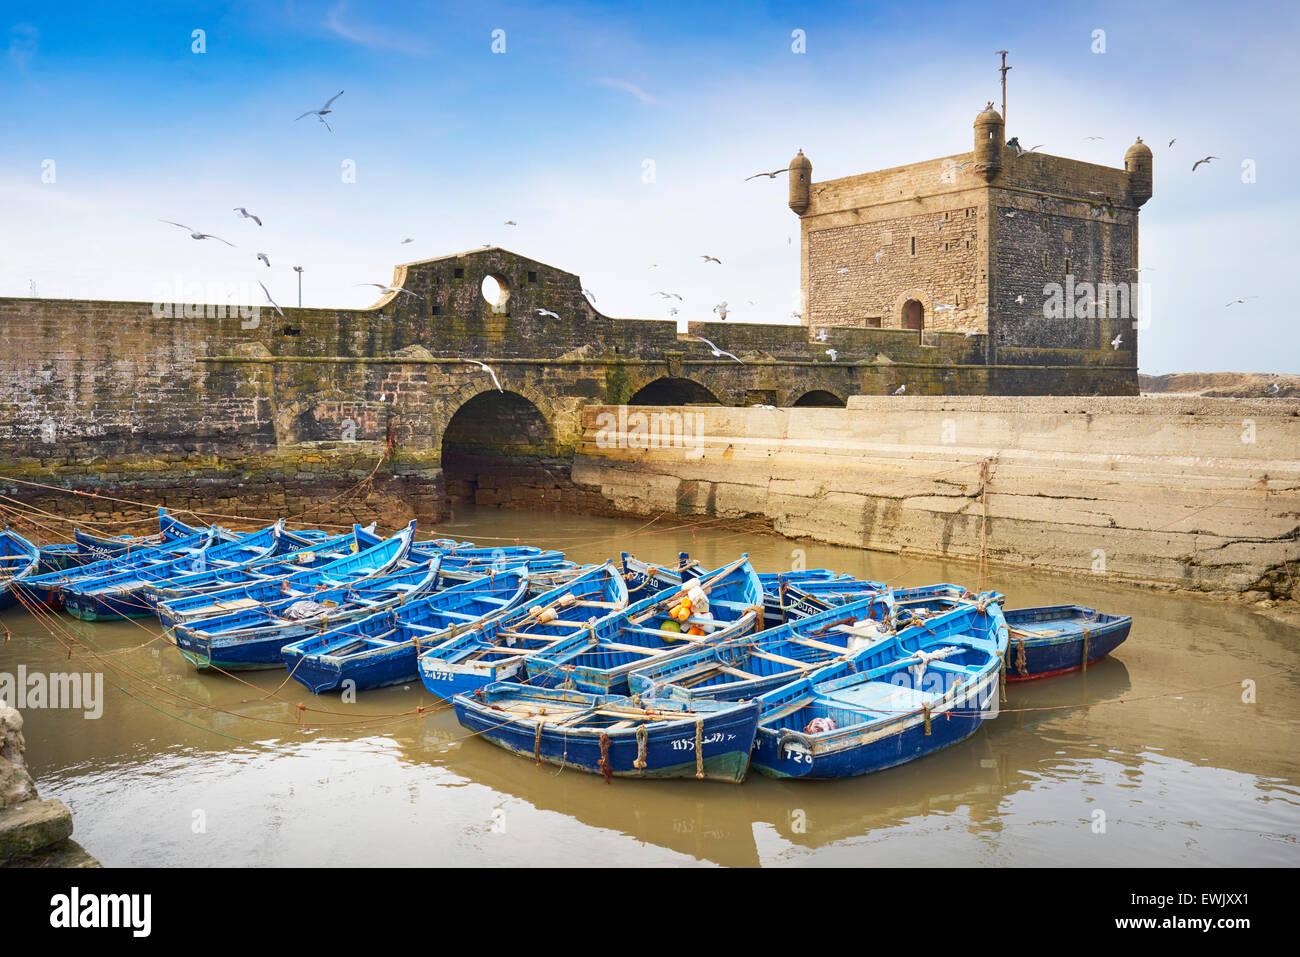 Bateaux de pêche bleu dans le port d'Essaouira, Maroc Maroc, Afrique Photo Stock